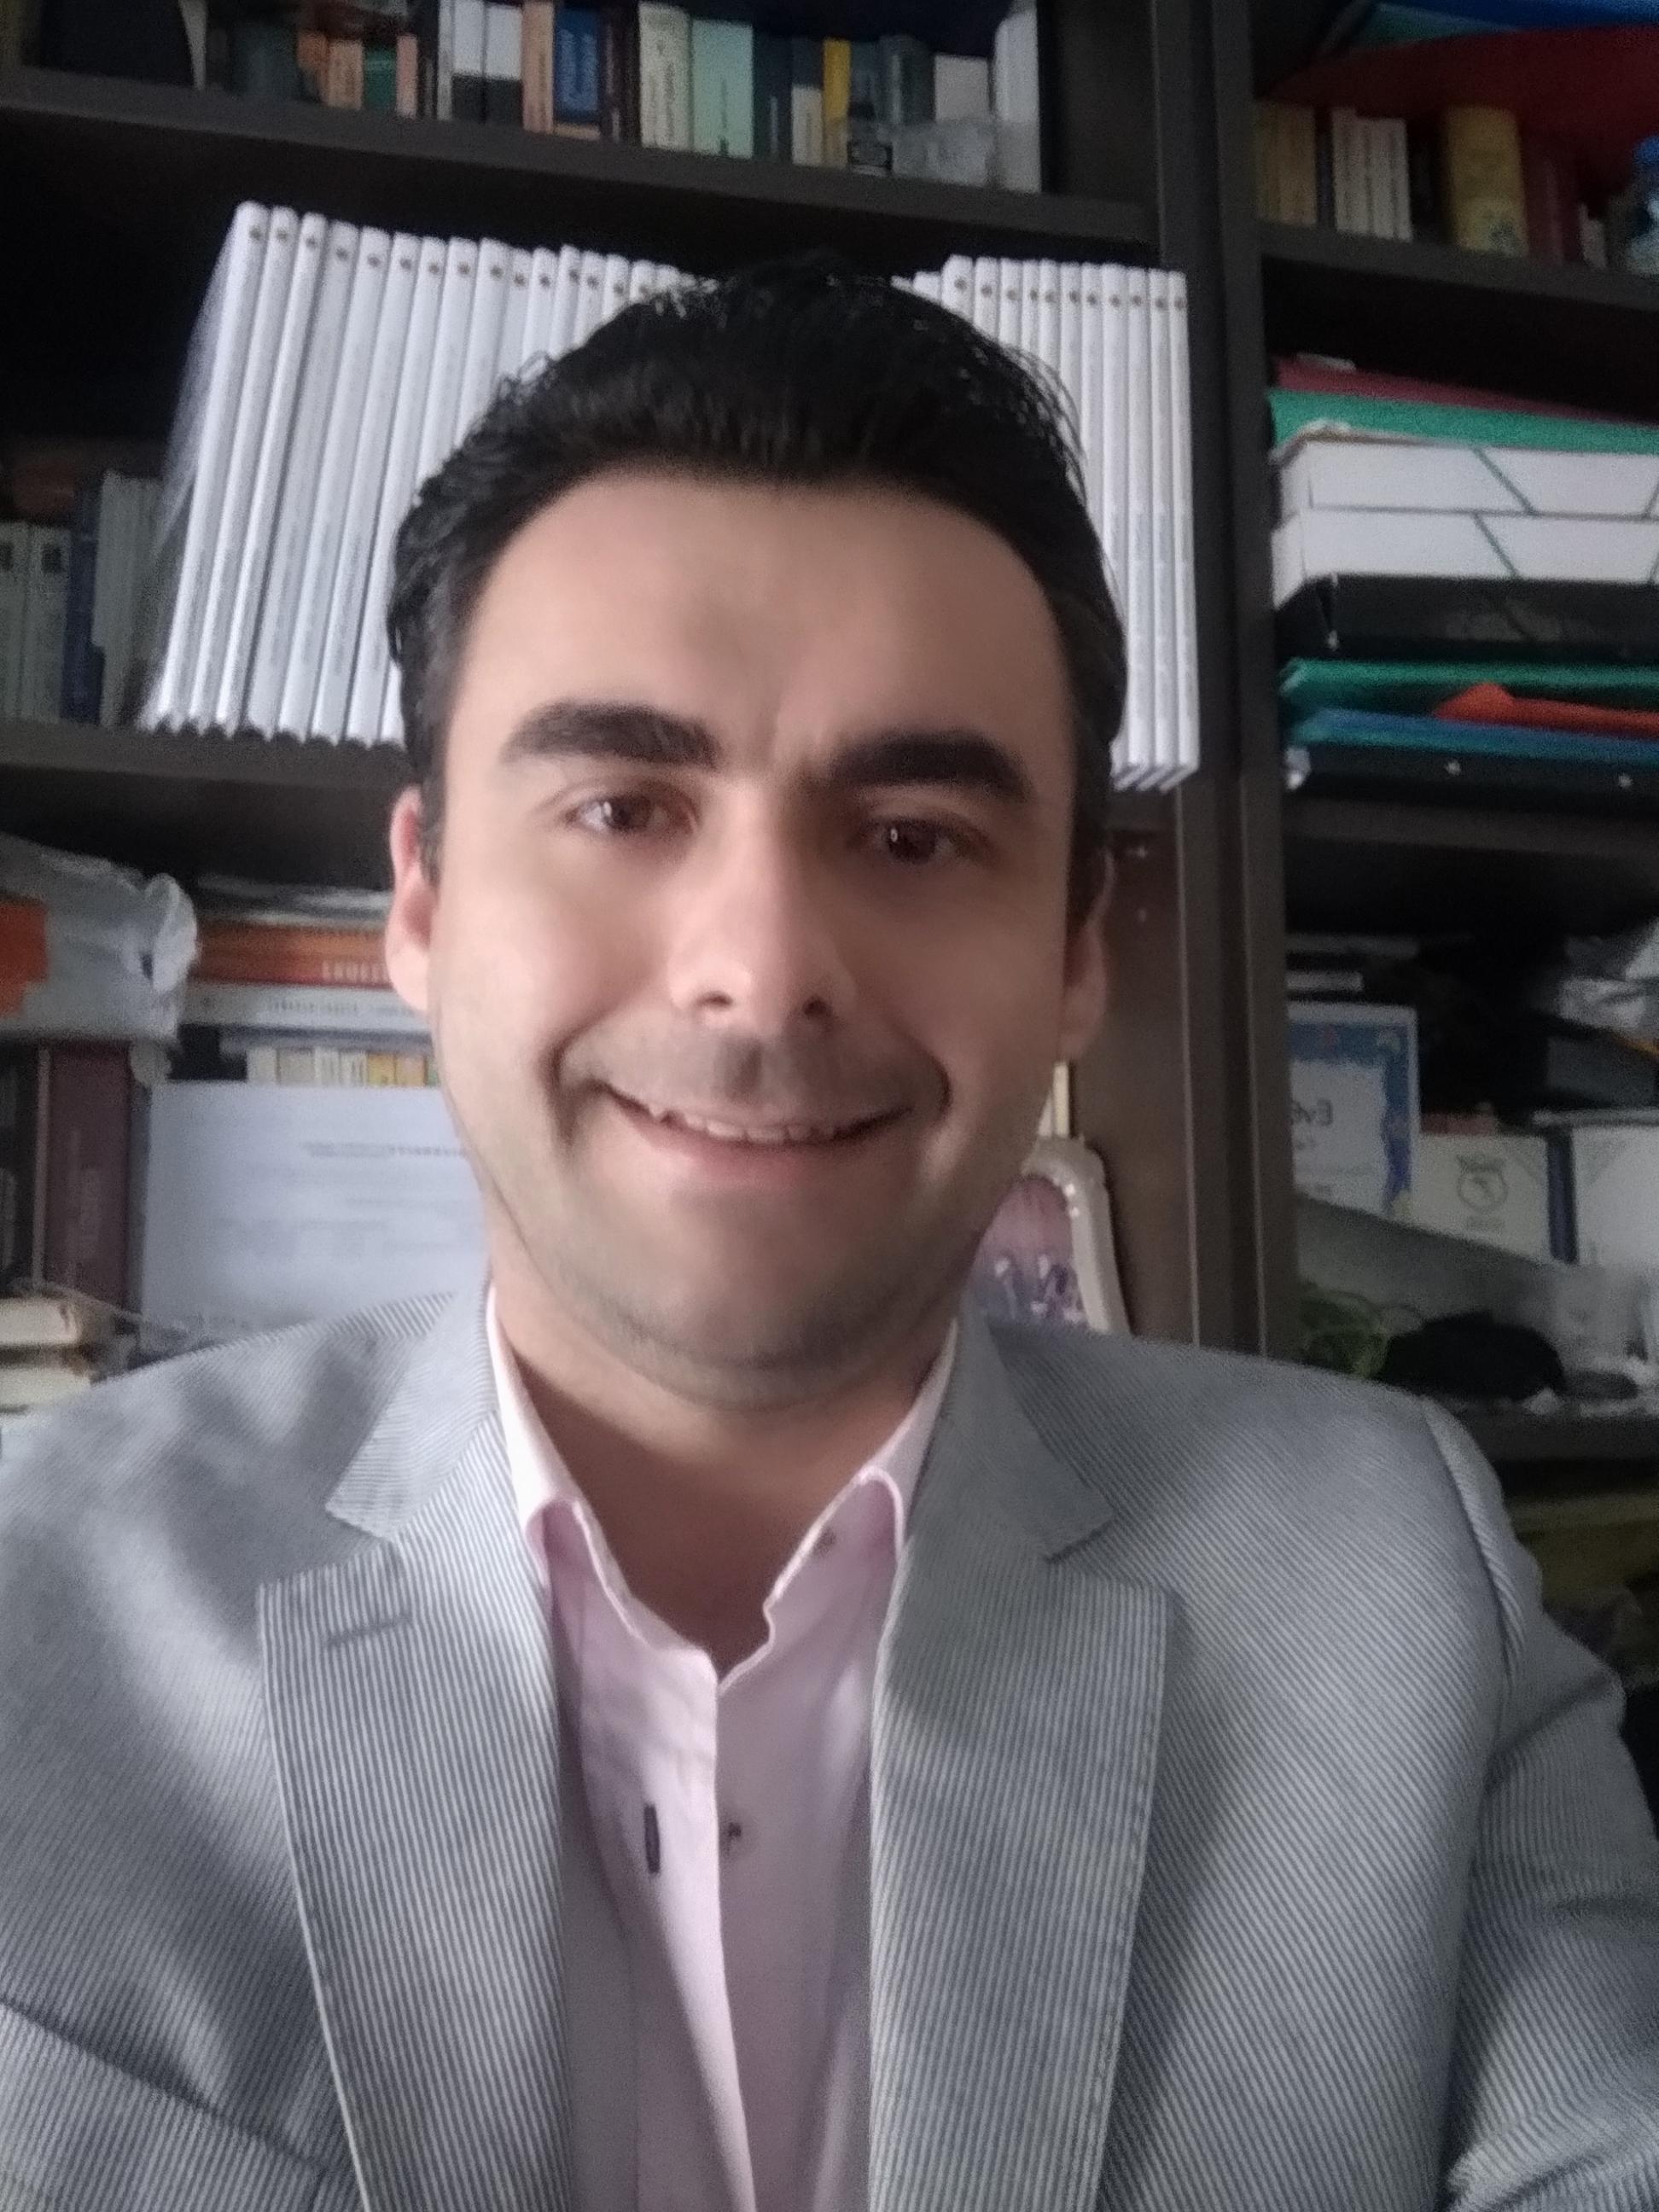 Αναγνωστόπουλος Κωνσταντίνος – Φιλολογικά ιδιαίτερα μαθήματα